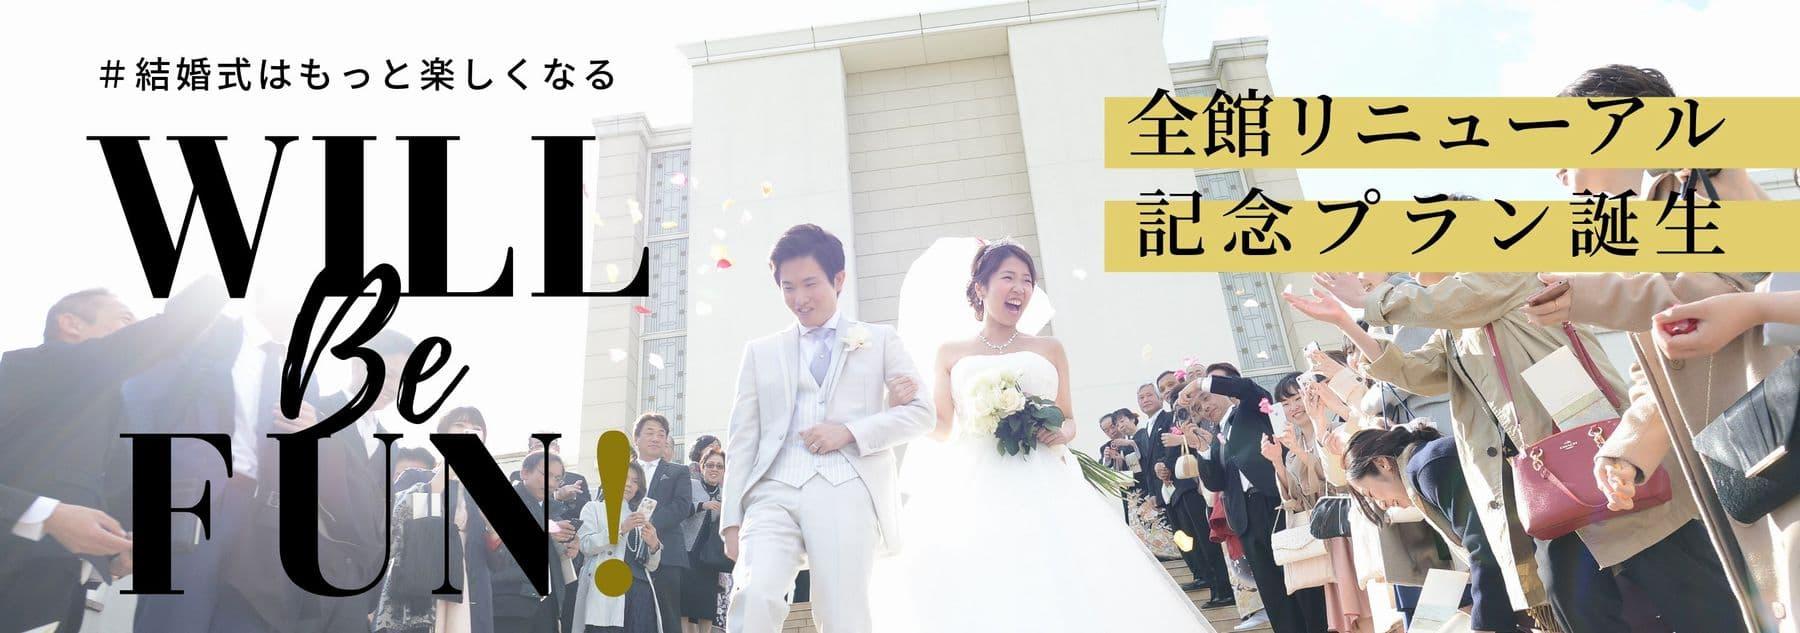 徳島市の結婚式場ブランアンジュの全館リニューアル記念プラン